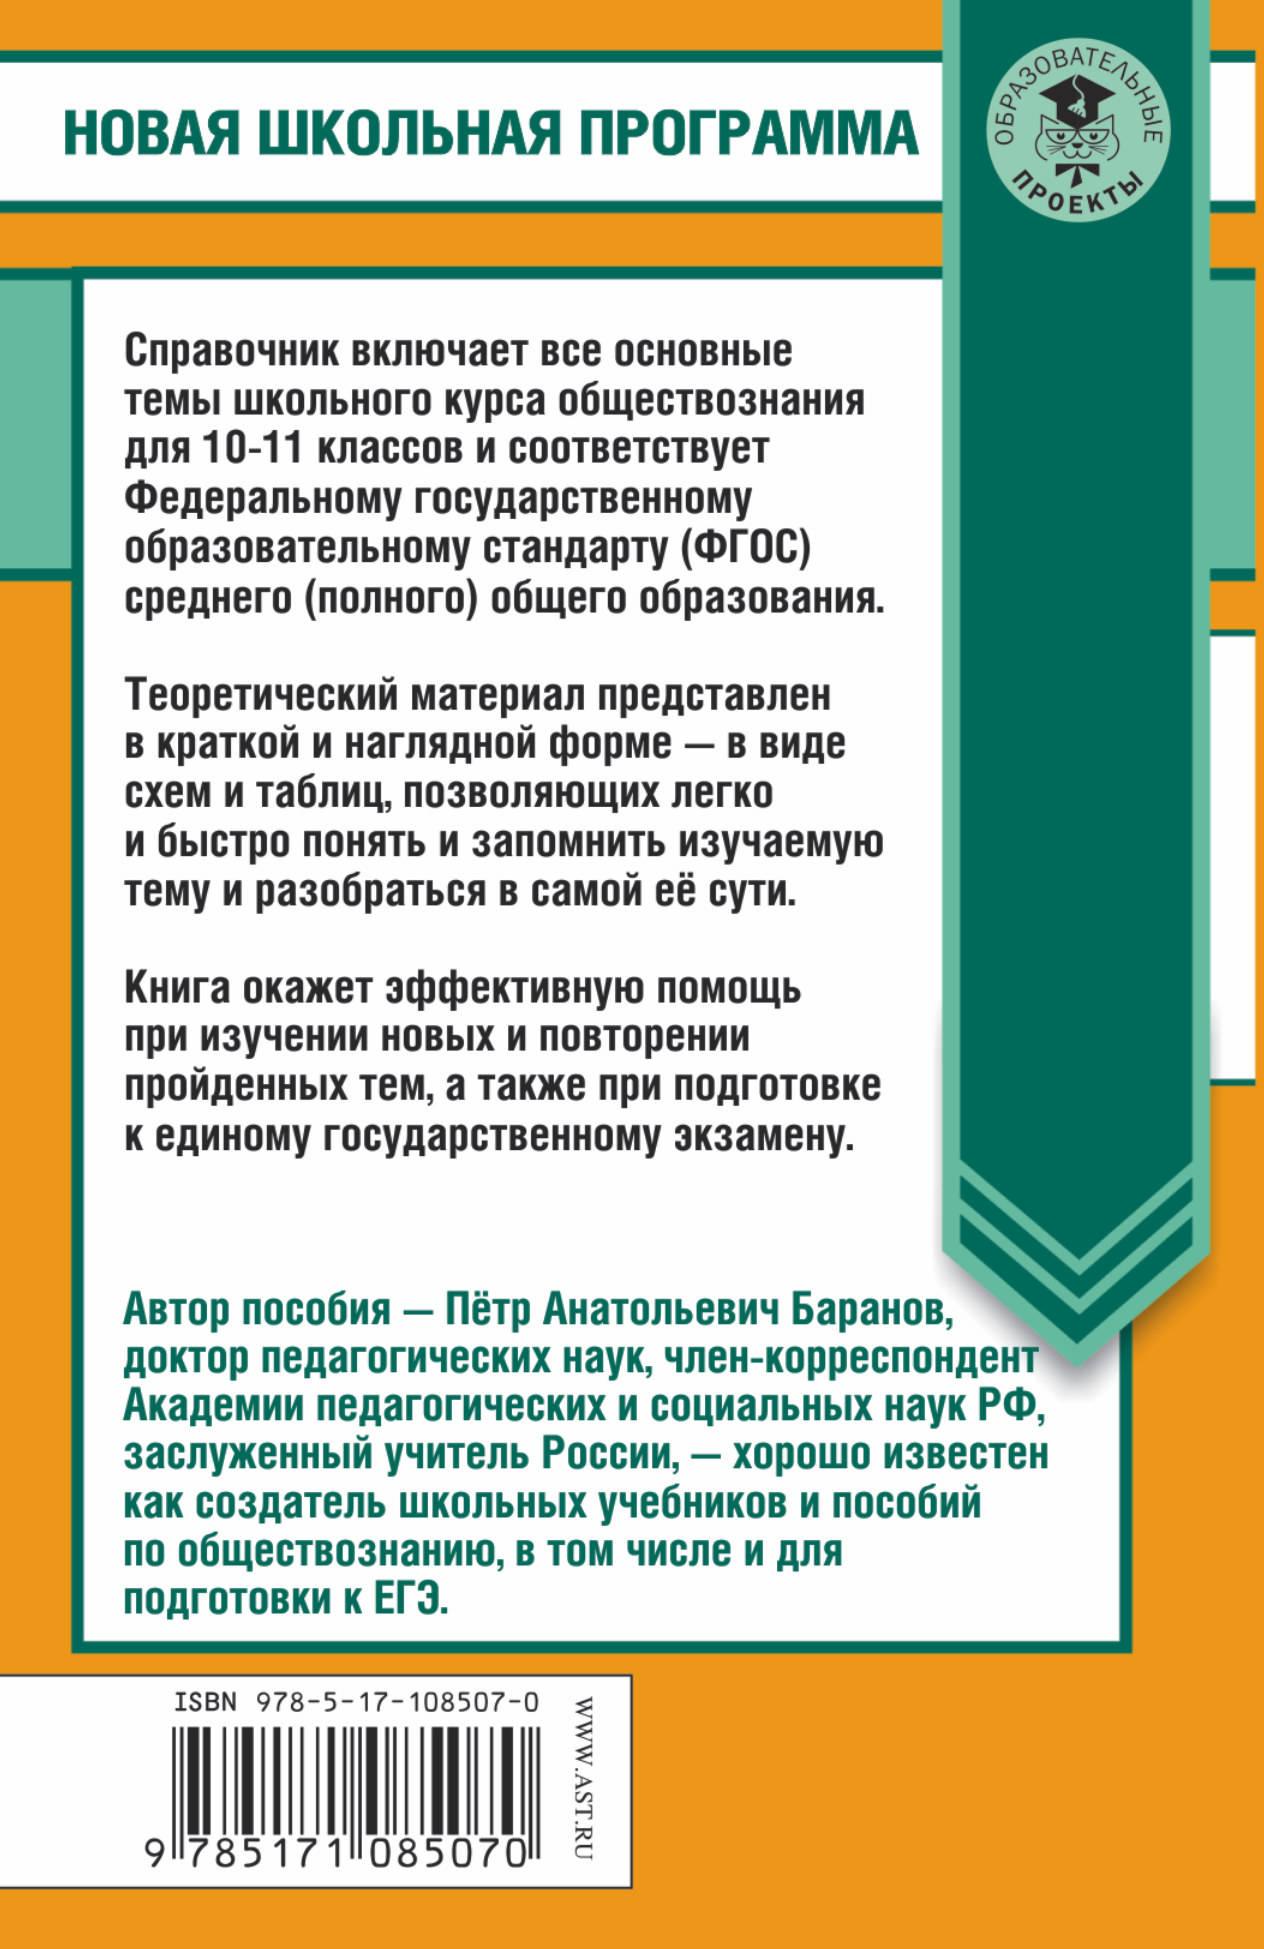 Обществознание в таблицах и схемах. 10-11 классы. Справочное пособие. П. А. Баранов